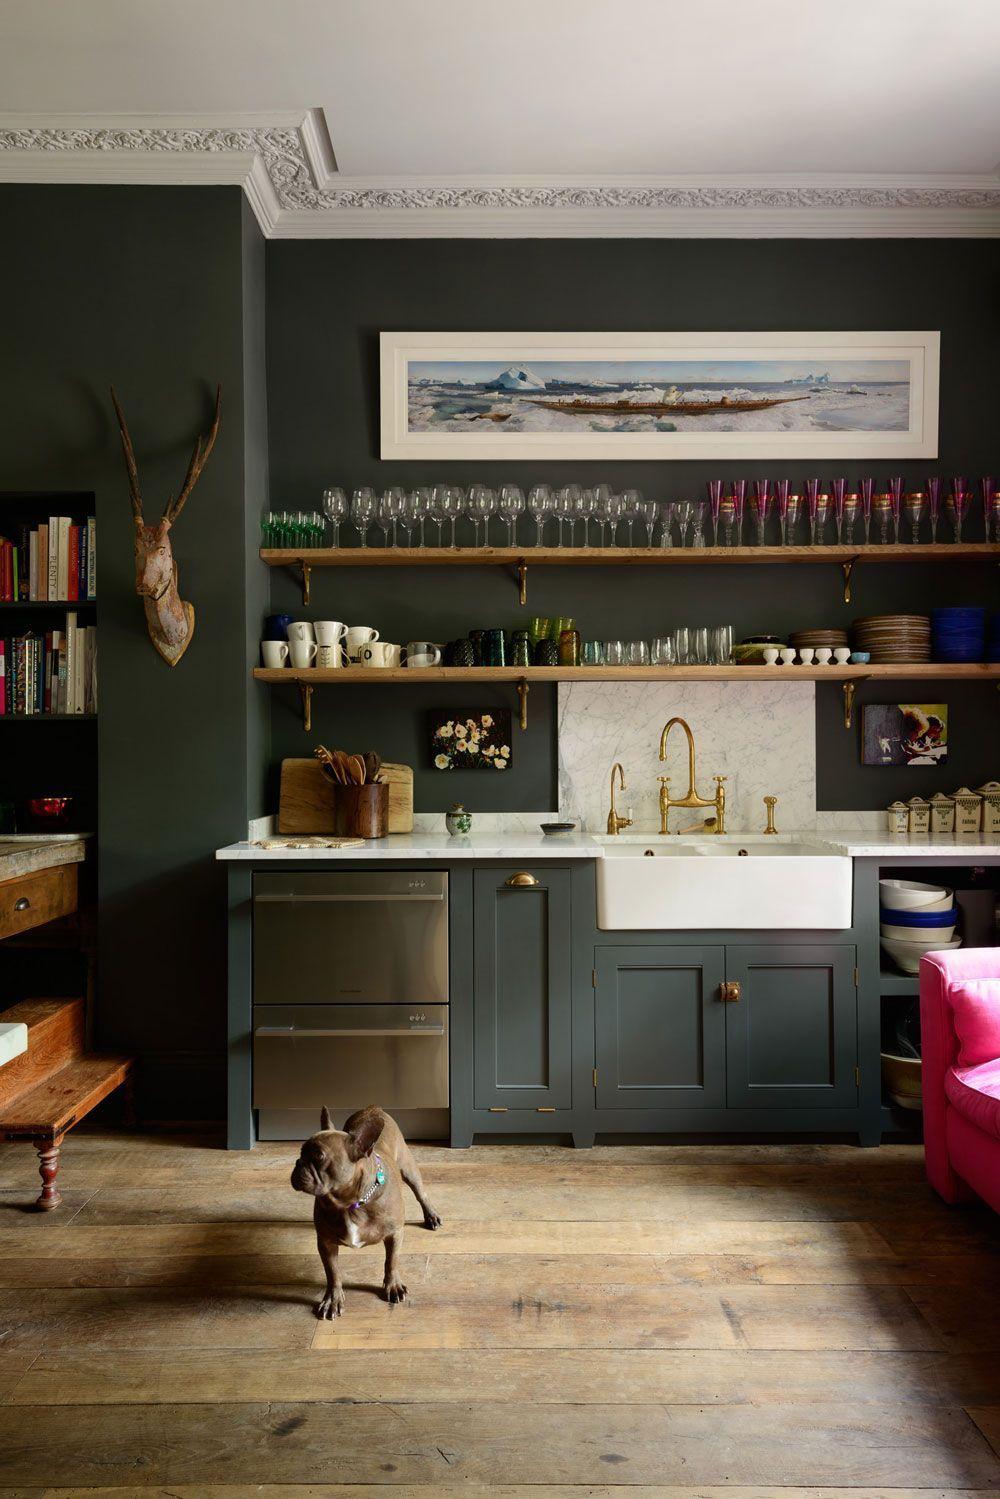 Pin by Anna Lea Wiegard on Dark interiors   Interior design ...